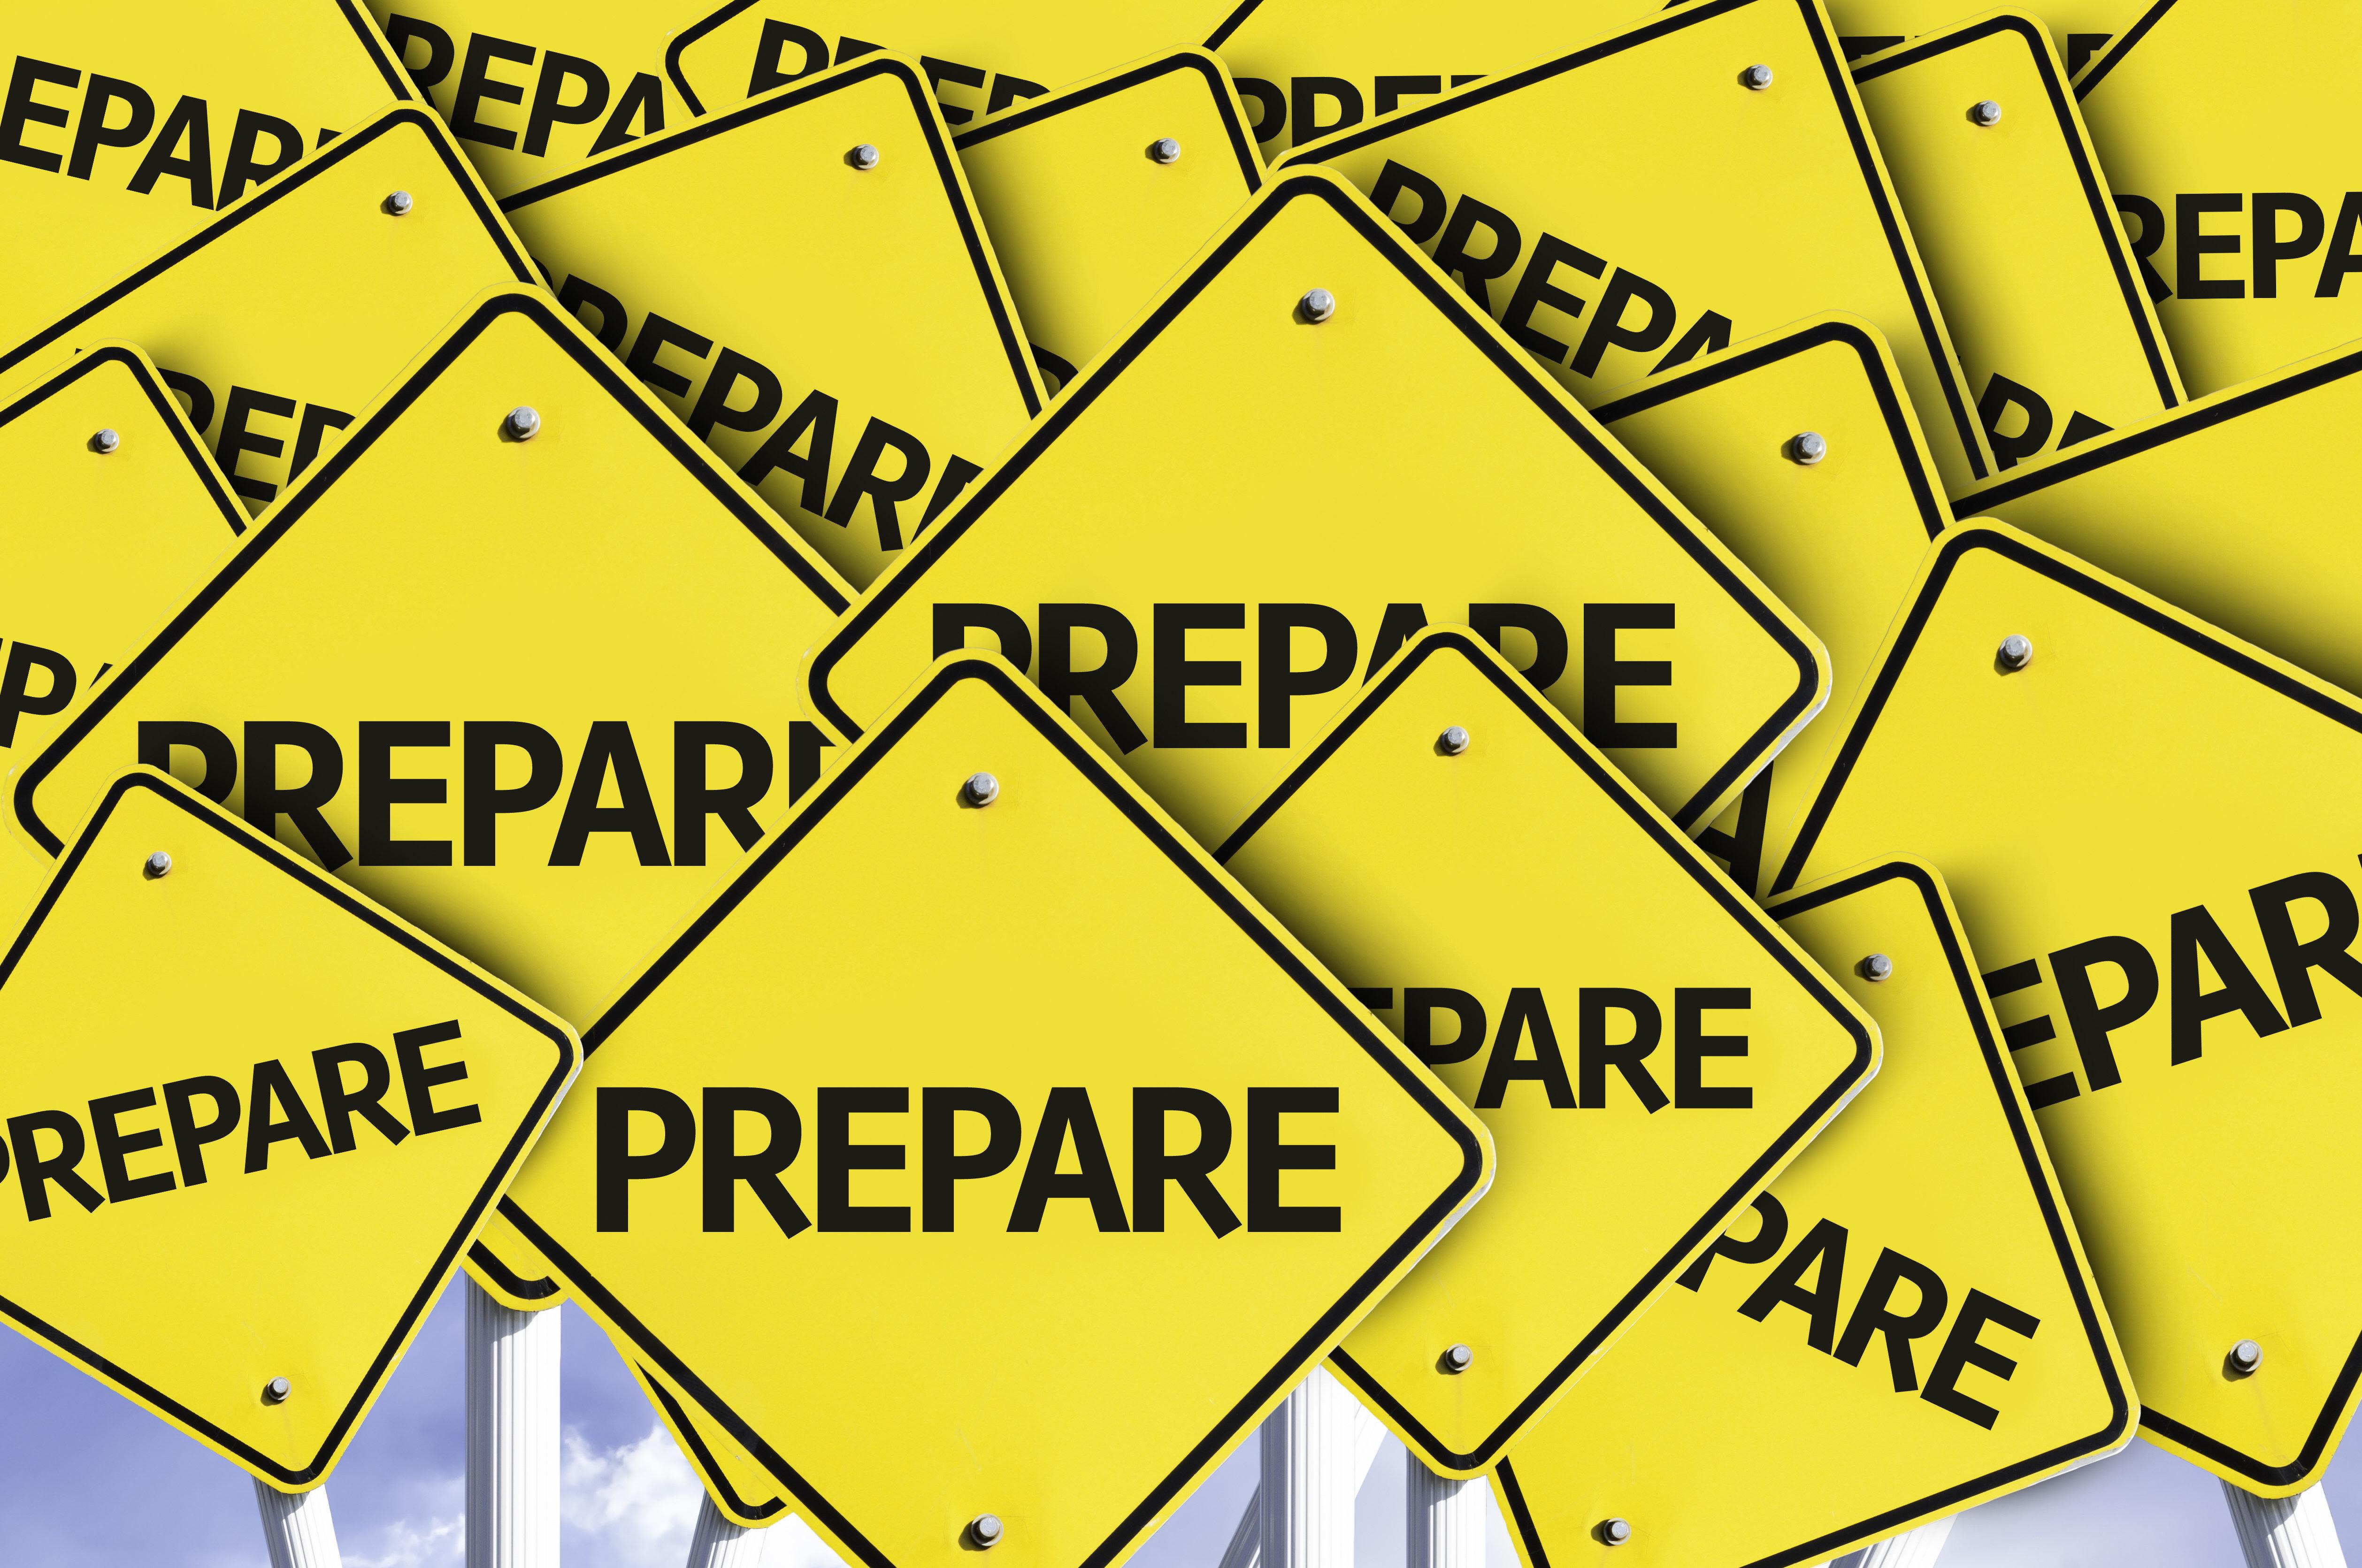 Prepare, Prepare, Prepare